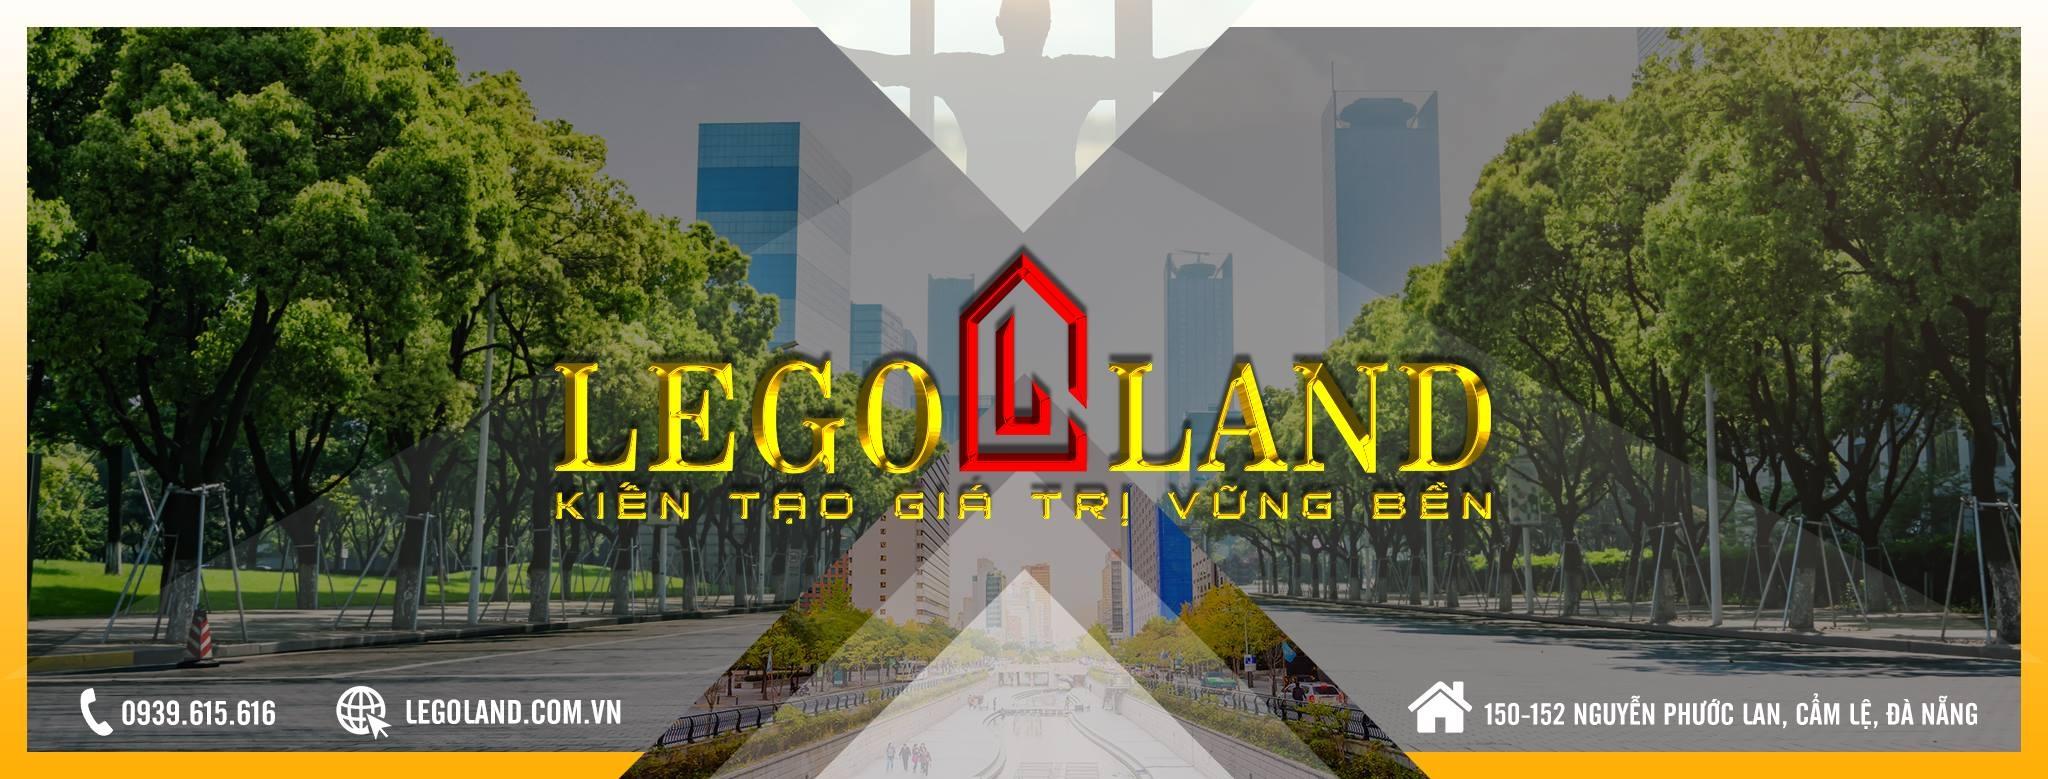 Legoland (@legolanddanang) Cover Image